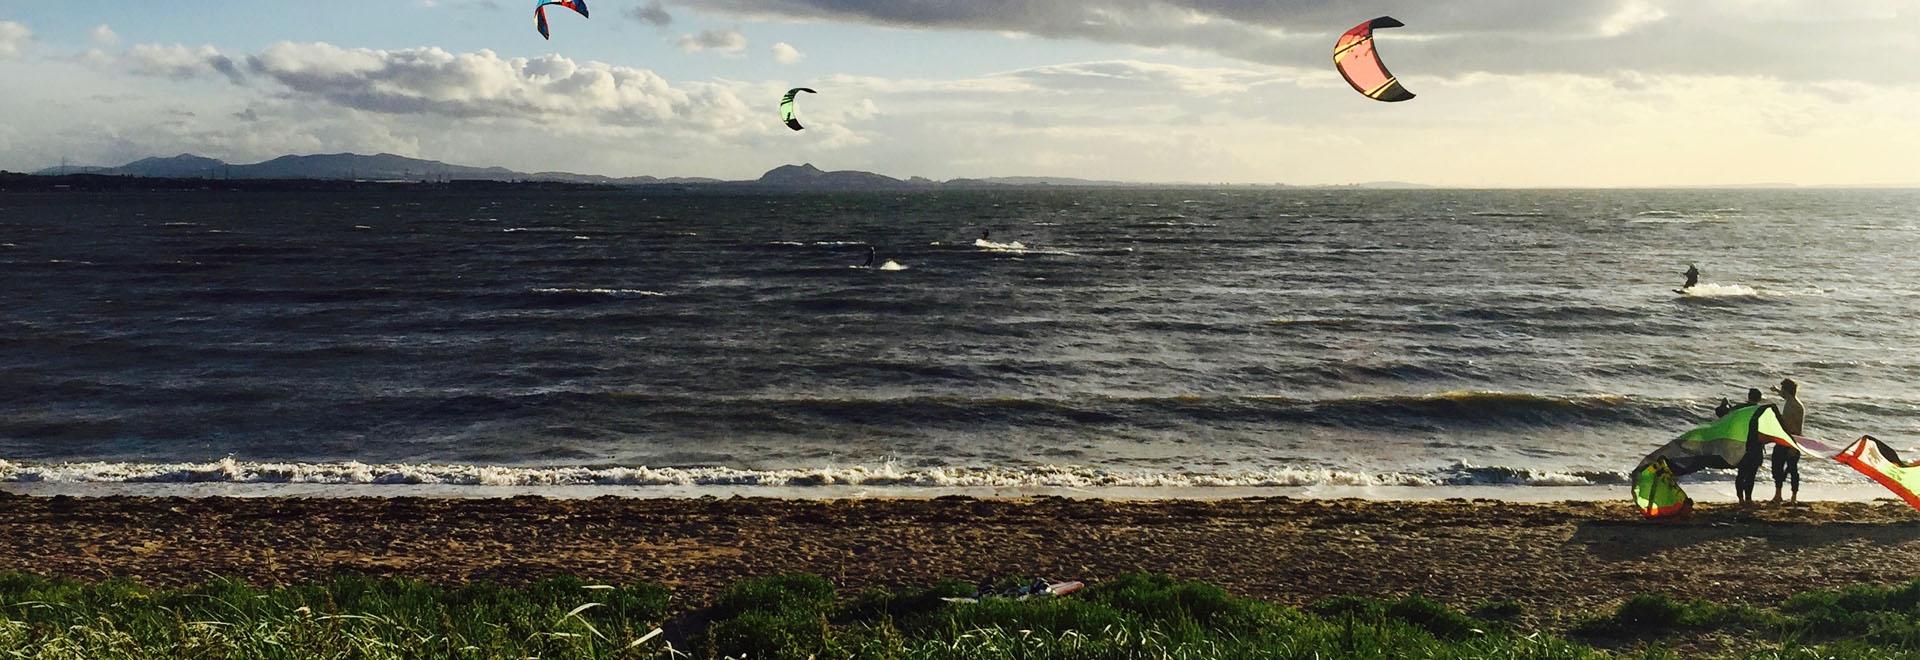 Picture of Skymonster Kitesurfing School